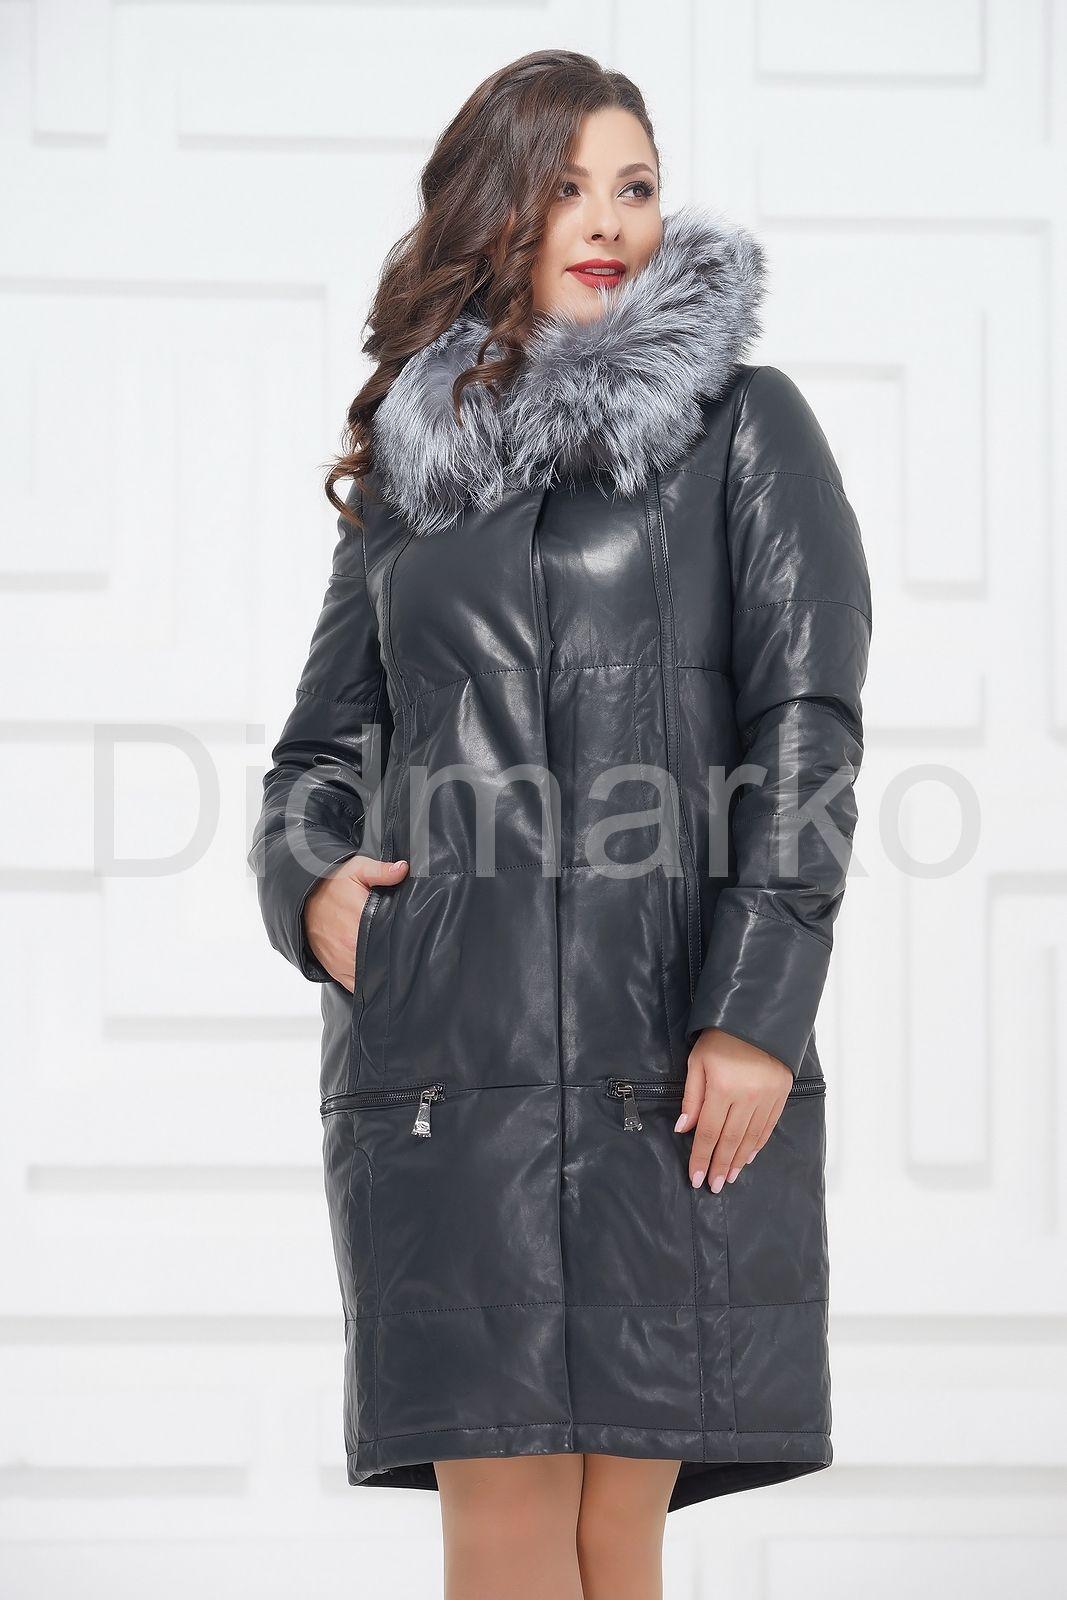 df2996f08ba Зимнее кожаное пальто цвета берлинской лазури купить по цене ...